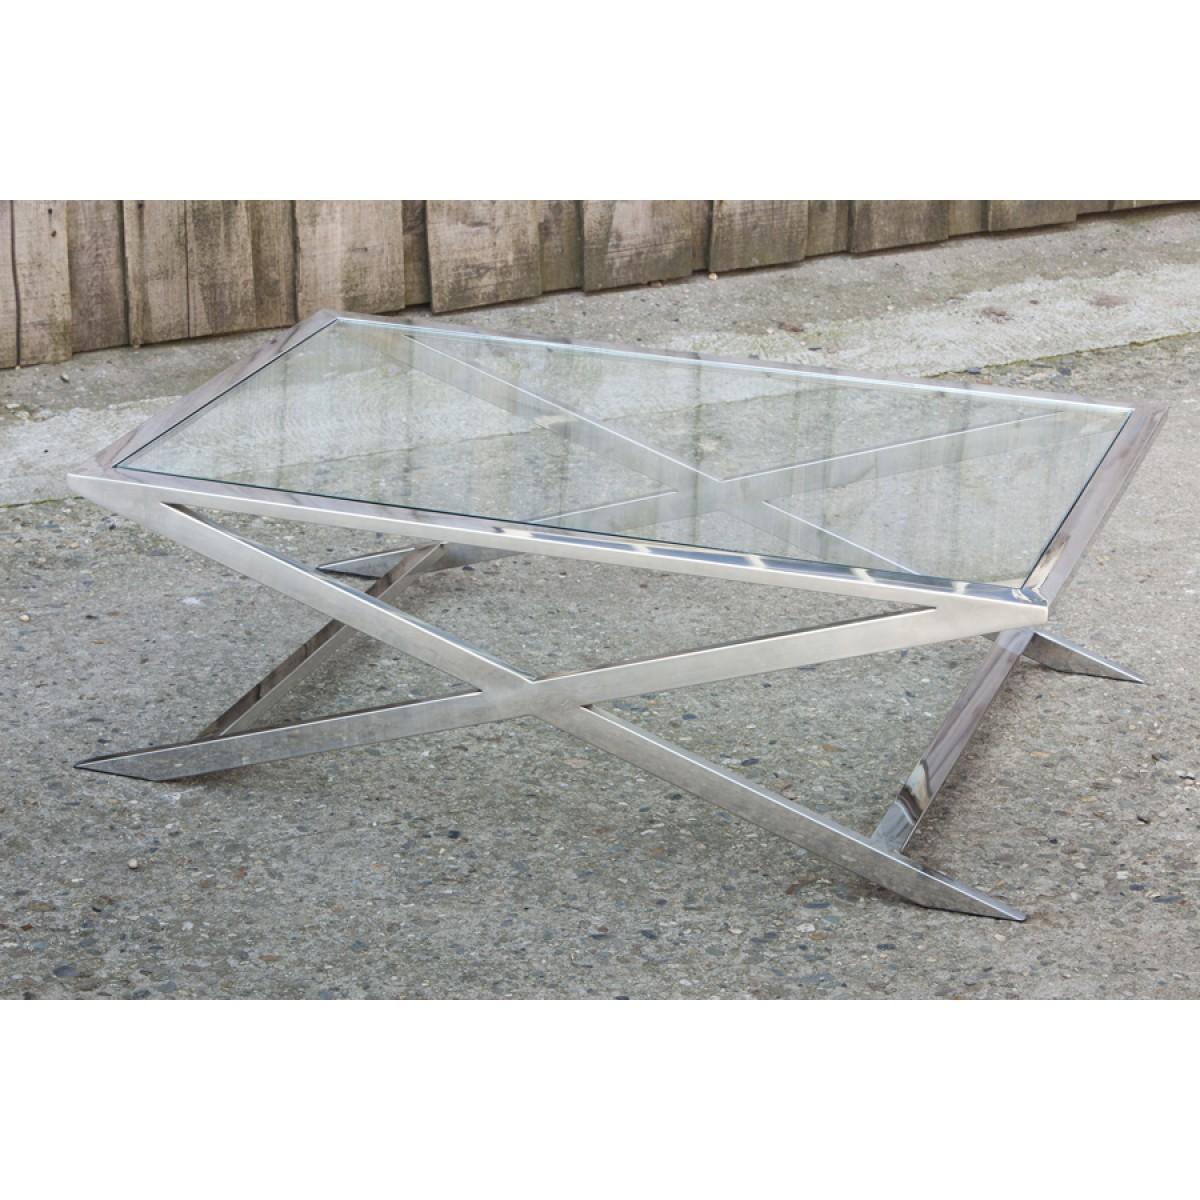 Couchtisch Verchromt Aus Metall Und Glas 120 X 80 Cm